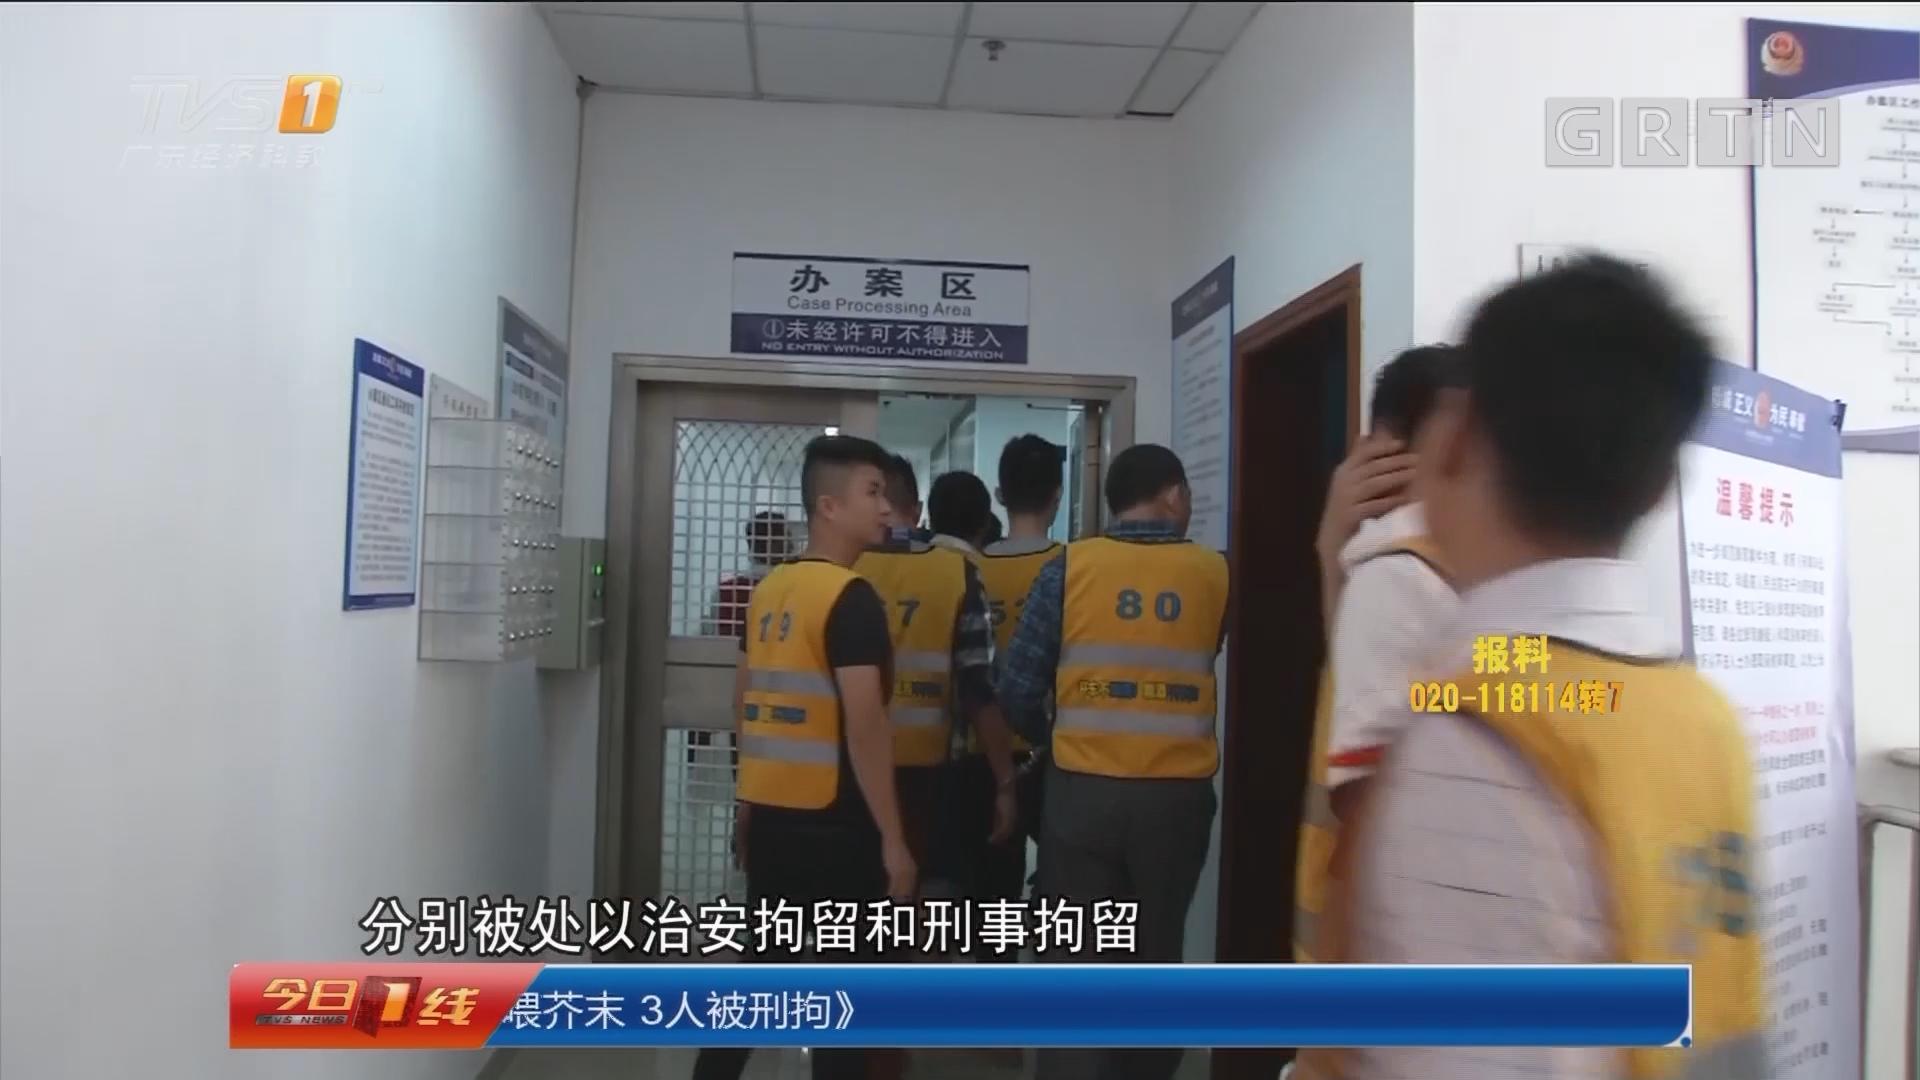 深圳:暴力抗法打交警 两兄弟被拘留